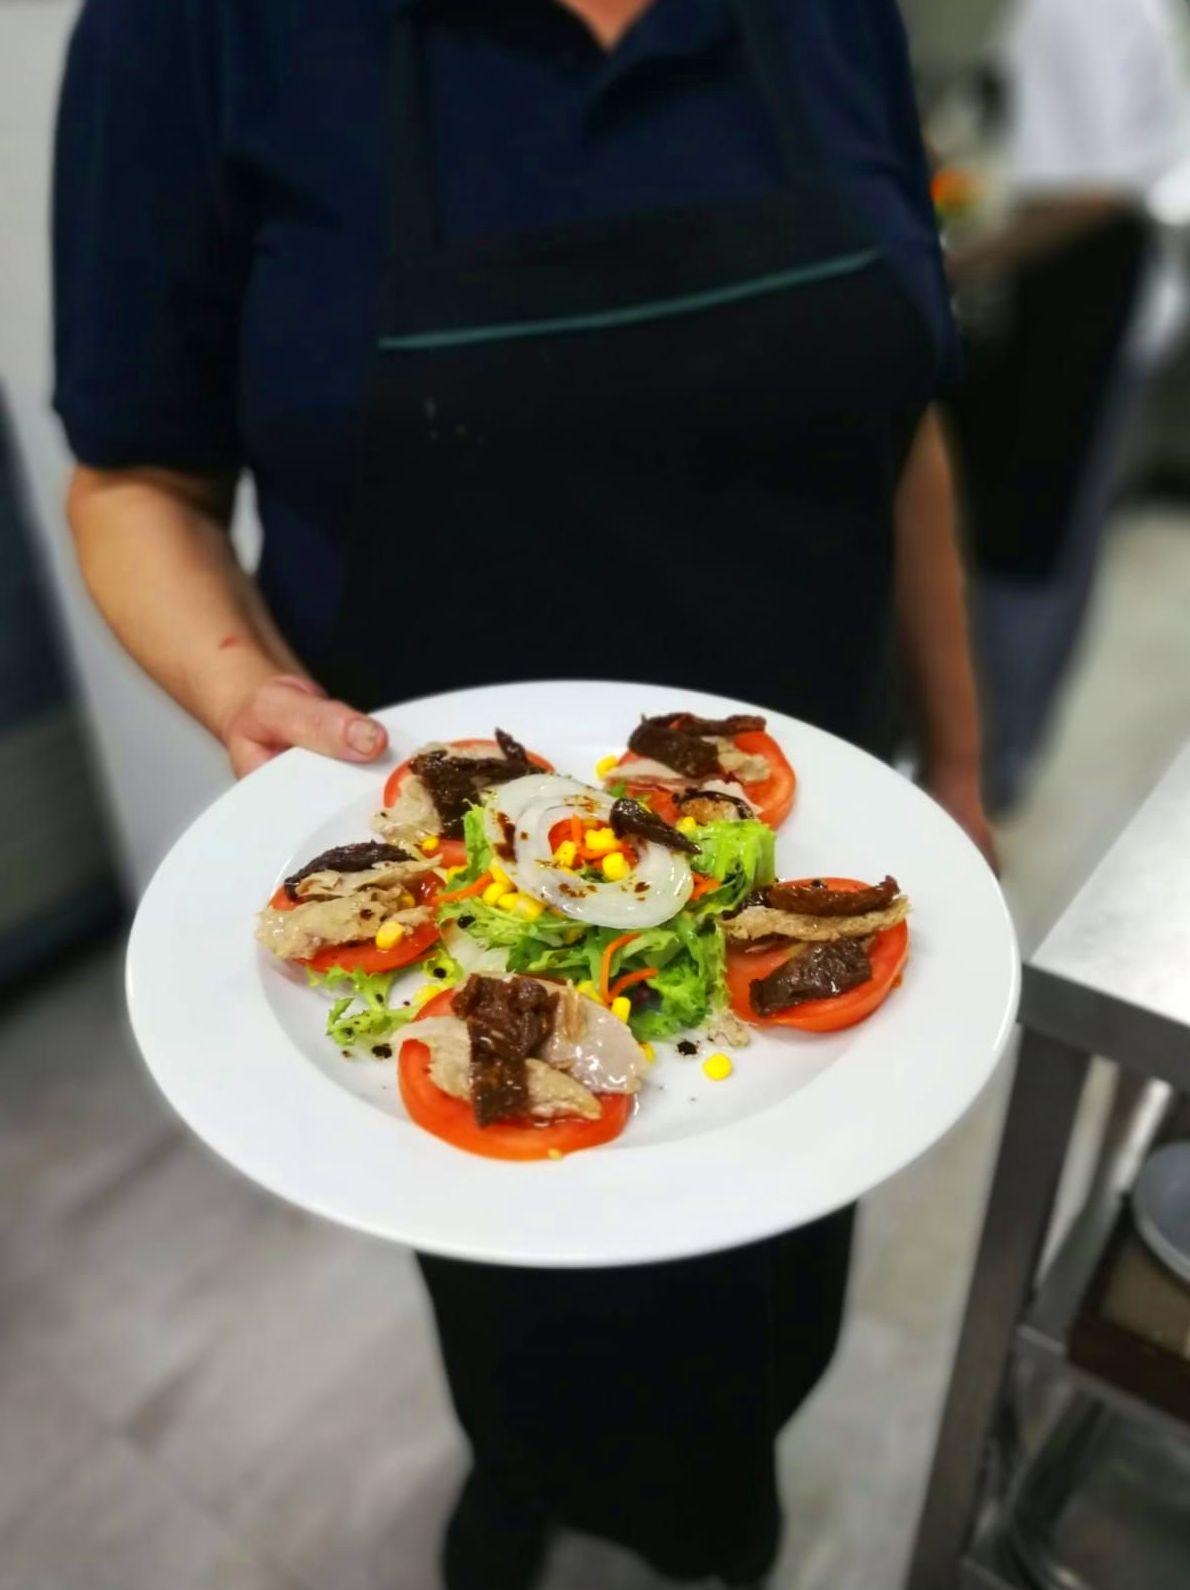 Foto 15 de Restaurantes en Rivas Vaciamadrid | Restaurante Somallao Sercotel Rivas